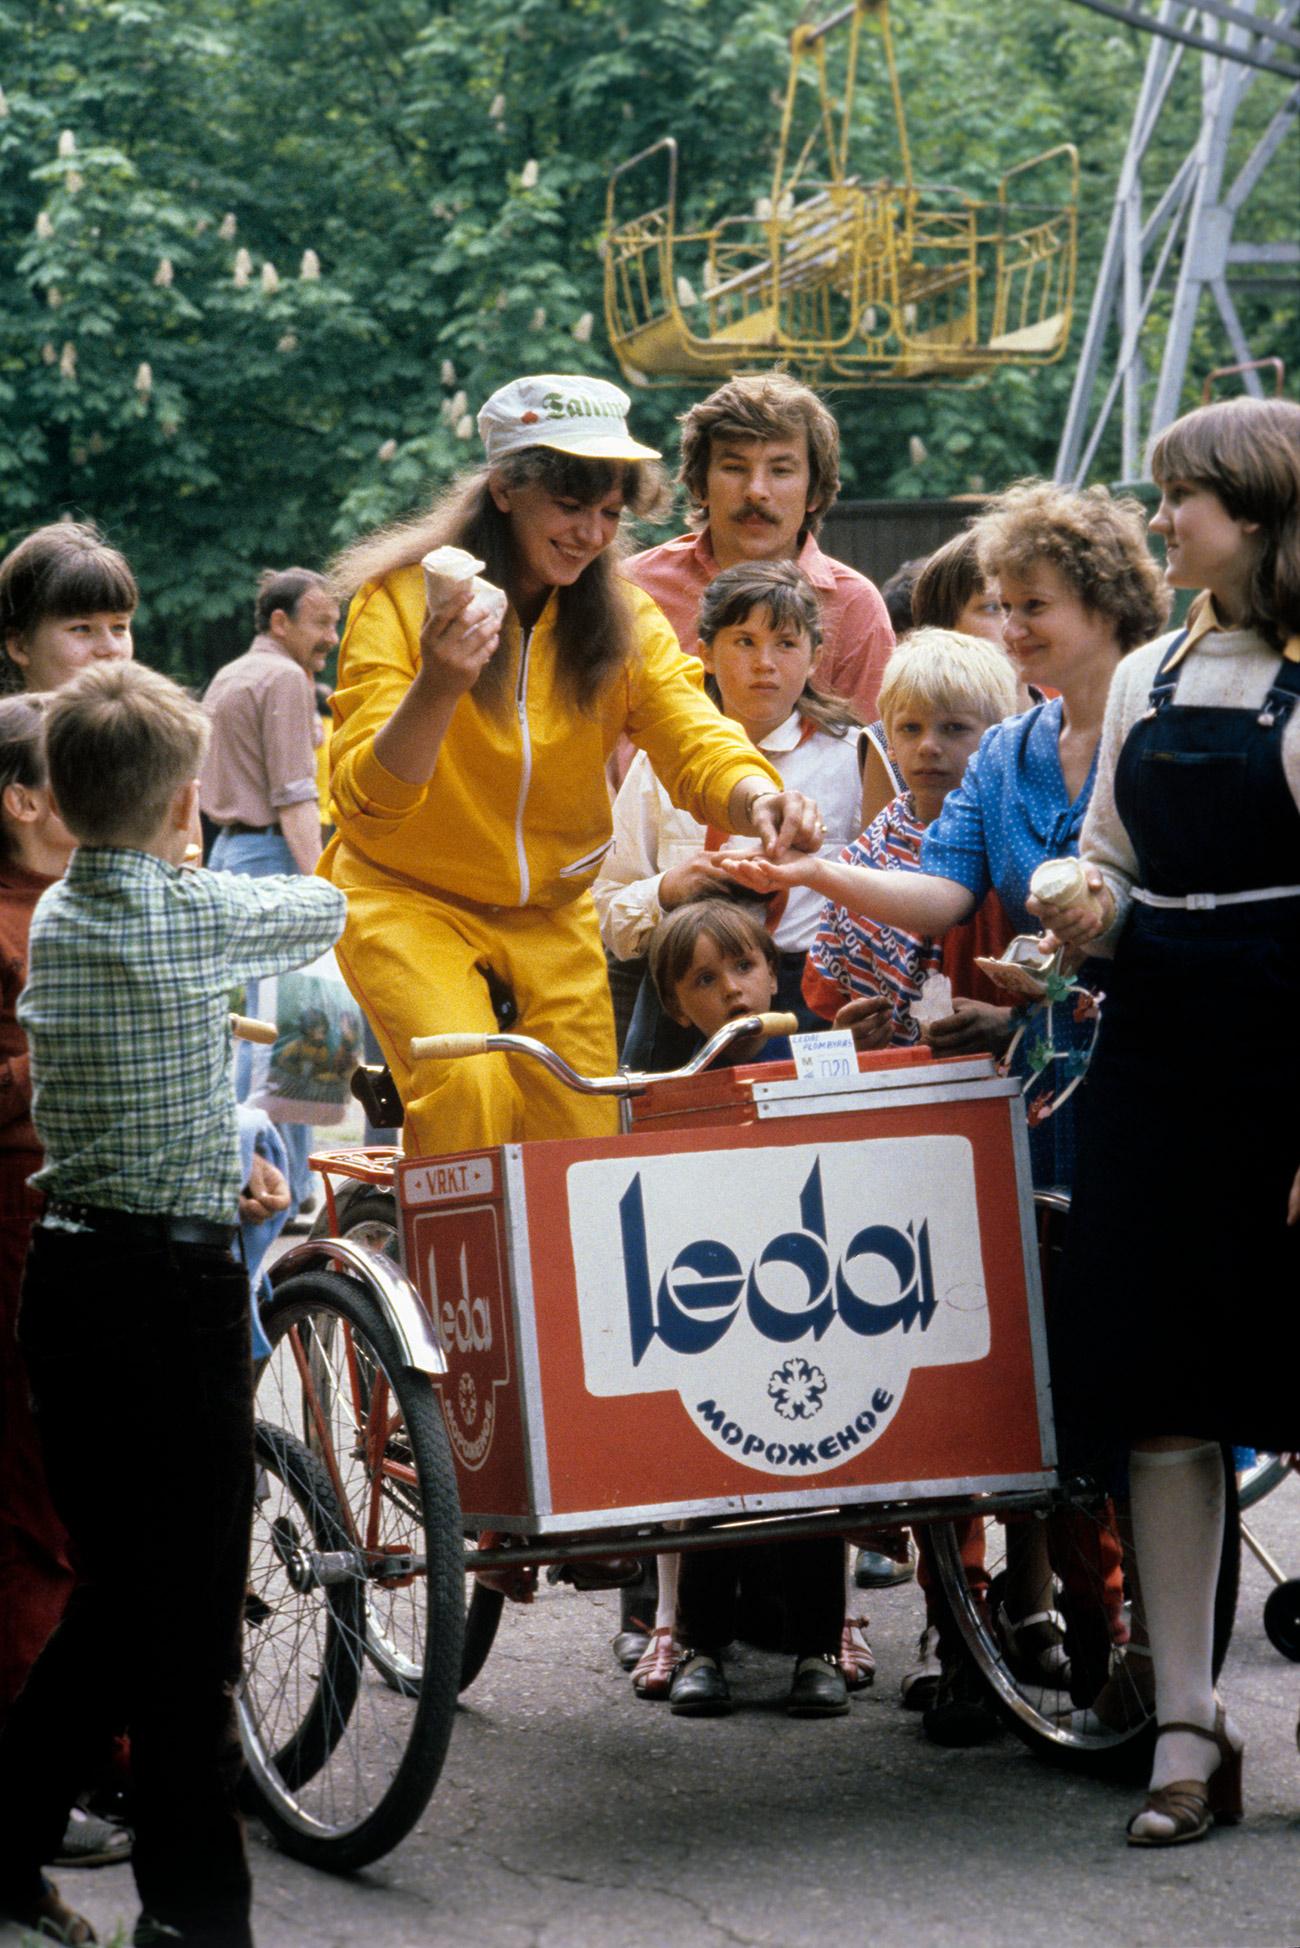 Spesso le persone ne compravano diverse confezioni e correvano a casa per essere sicure che tutti in famiglia ne avessero la propria parte. Donne con in testa un inconfondibile copricapo aprivano il congelatore e permettevano di scegliere il vostro marchio preferito // Carretto dei gelati nel Giorno del Ciclista a Siauliai, Lituania (allora parte dell'Urss), 1983